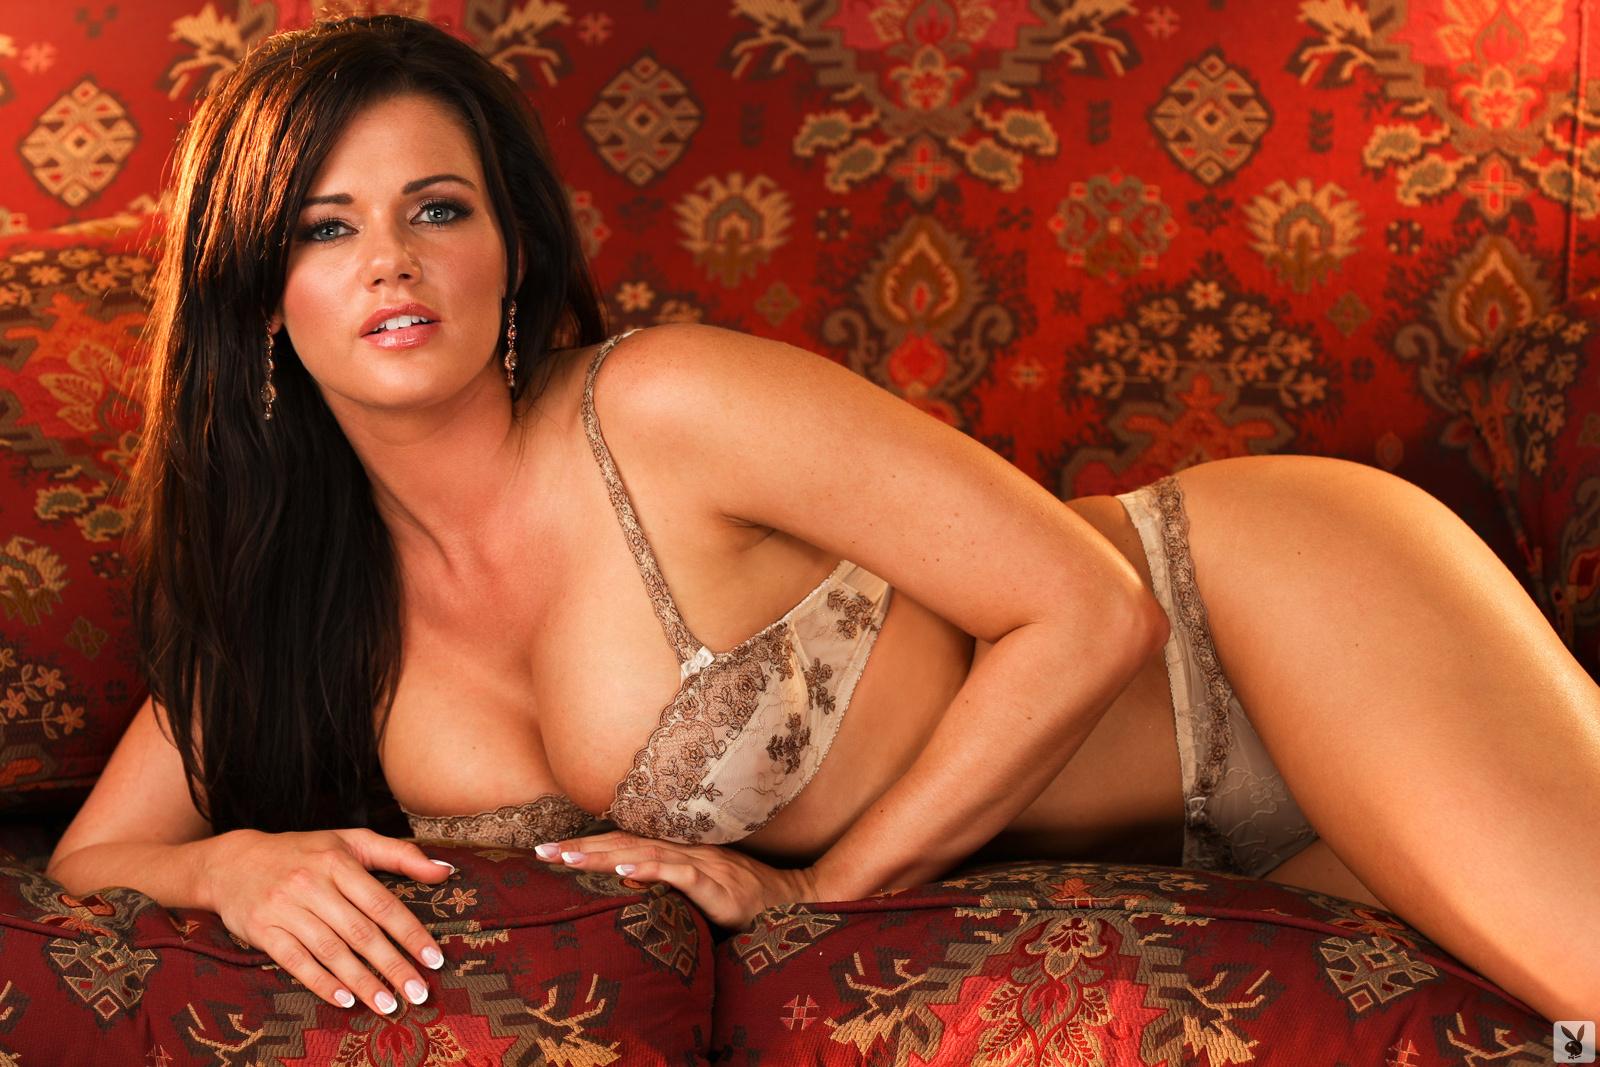 Nancy flo actriz porno Playboy Nancy Patton Nancy Patton 49505 Good Sex Porn